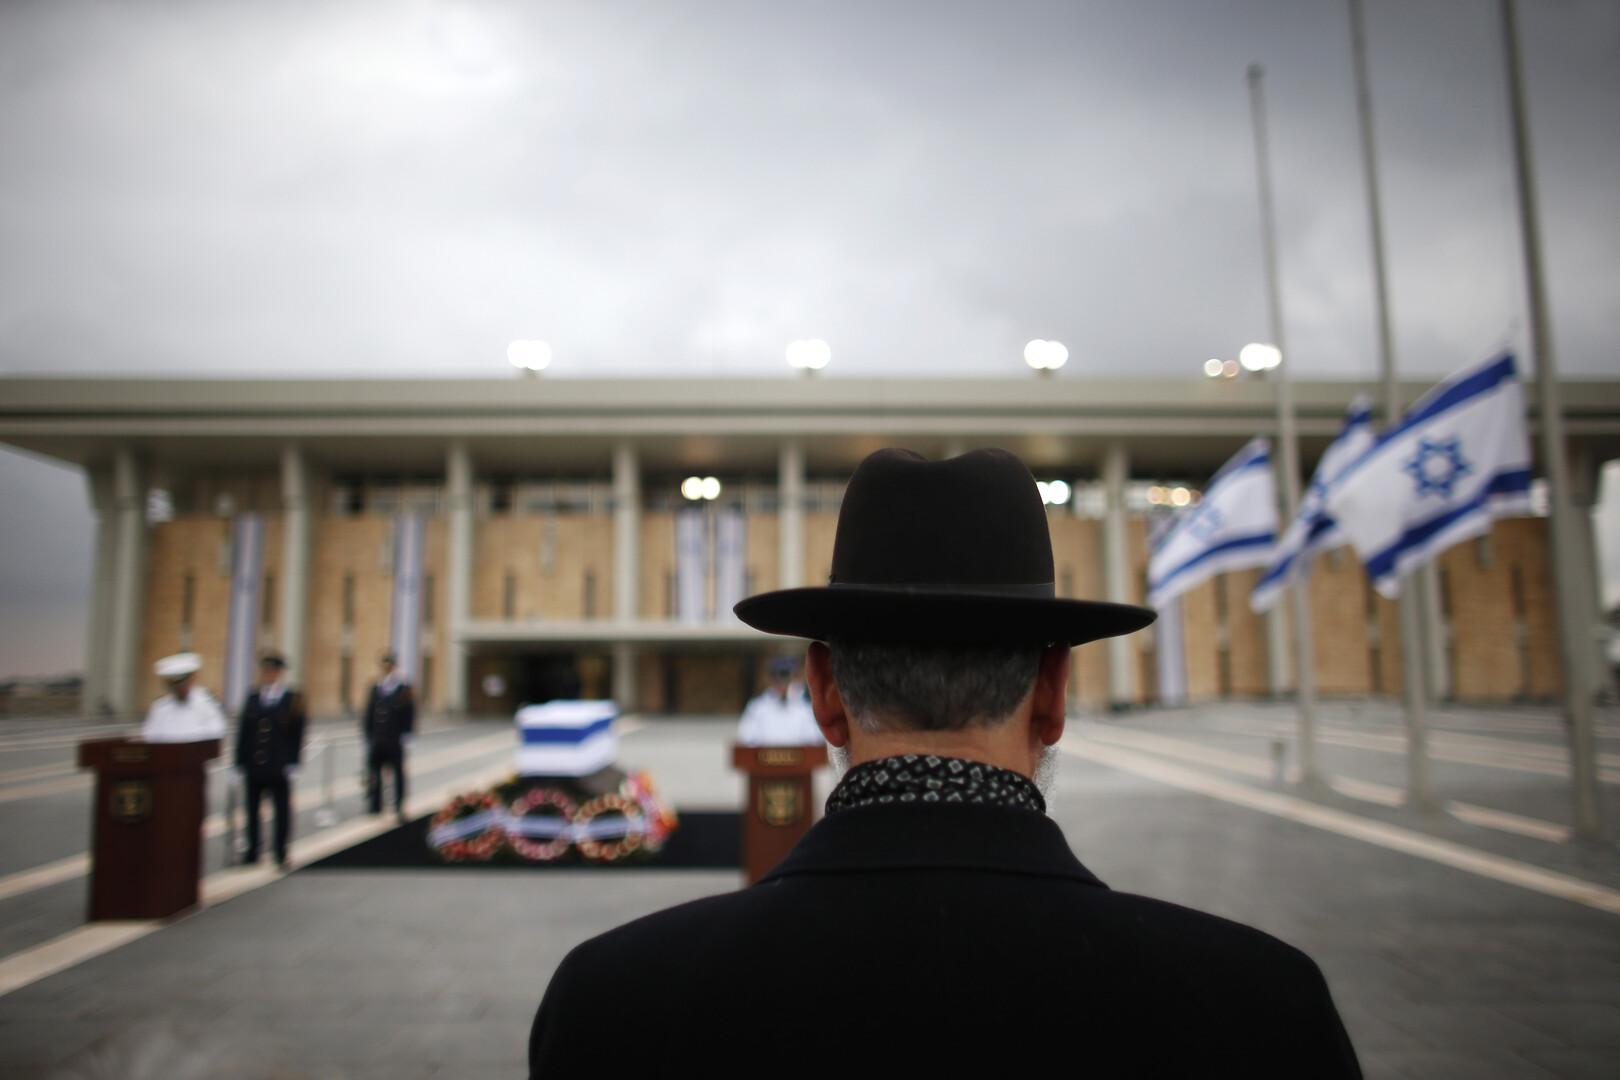 افتتاح الكنيست الإسرائيلي الجديد على خلفية سيناريو الانتخابات الثالثة